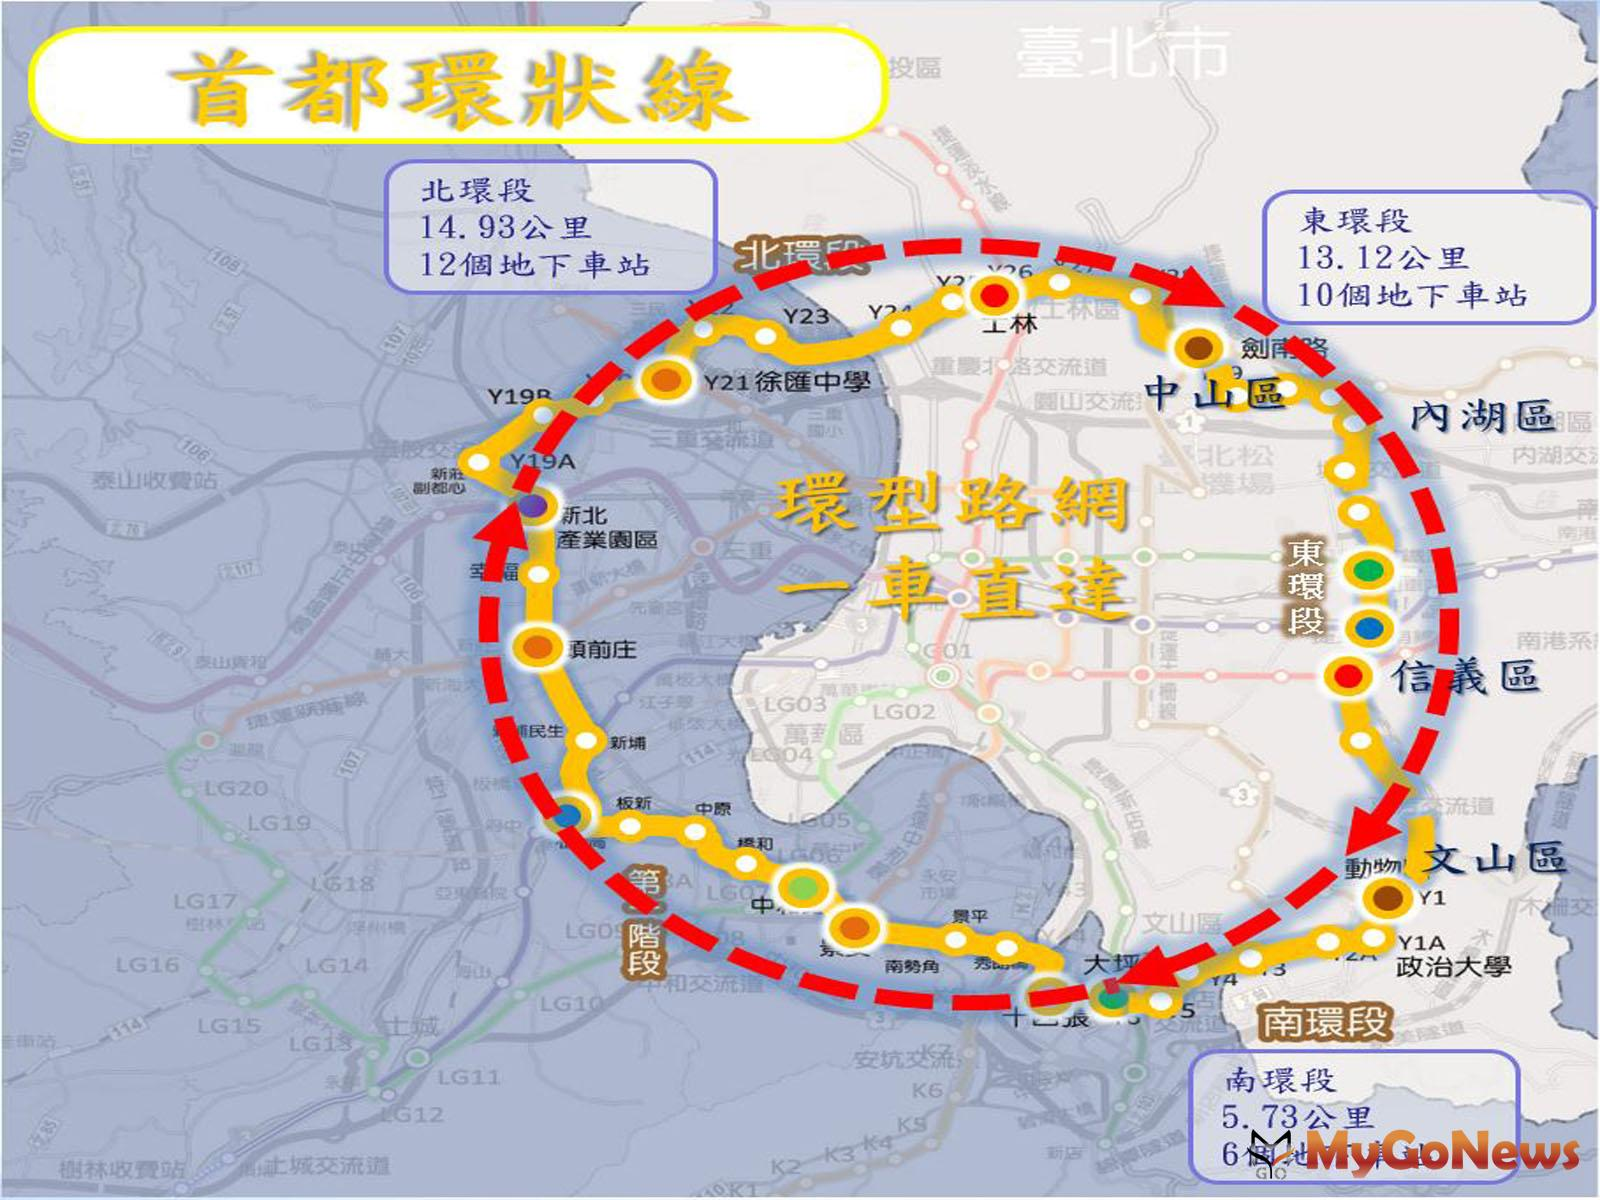 東環段基本設計啟動,首都環狀線成環願景又邁進一步(圖:台北市政府) MyGoNews房地產新聞 區域情報